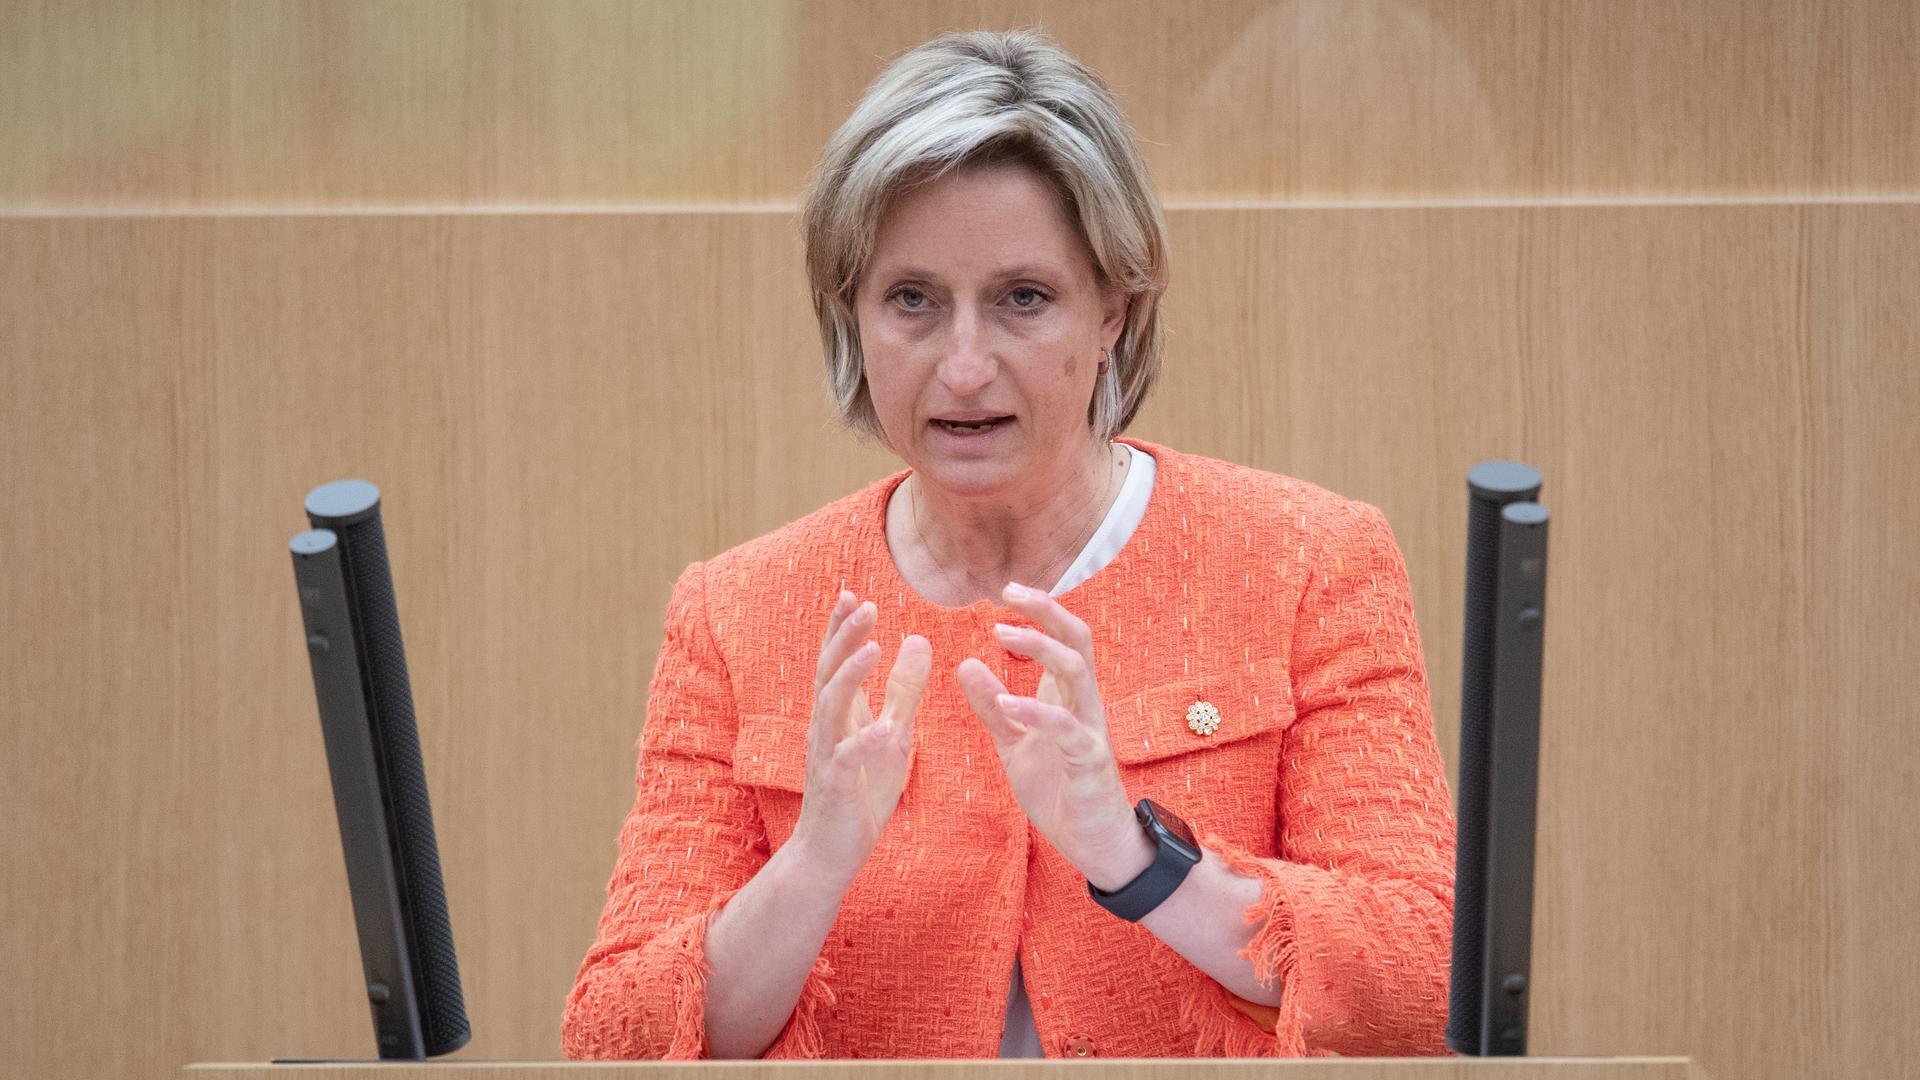 Nicole Hoffmeister-Kraut (CDU), Wirtschaftsministerin von Baden-Württemberg, redet bei einer Plenarsitzung im Landtag von Baden-Württemberg. Auf der Agenda steht auch eine Debatte über das Konjunkturpaket des Bundes. +++ dpa-Bildfunk +++